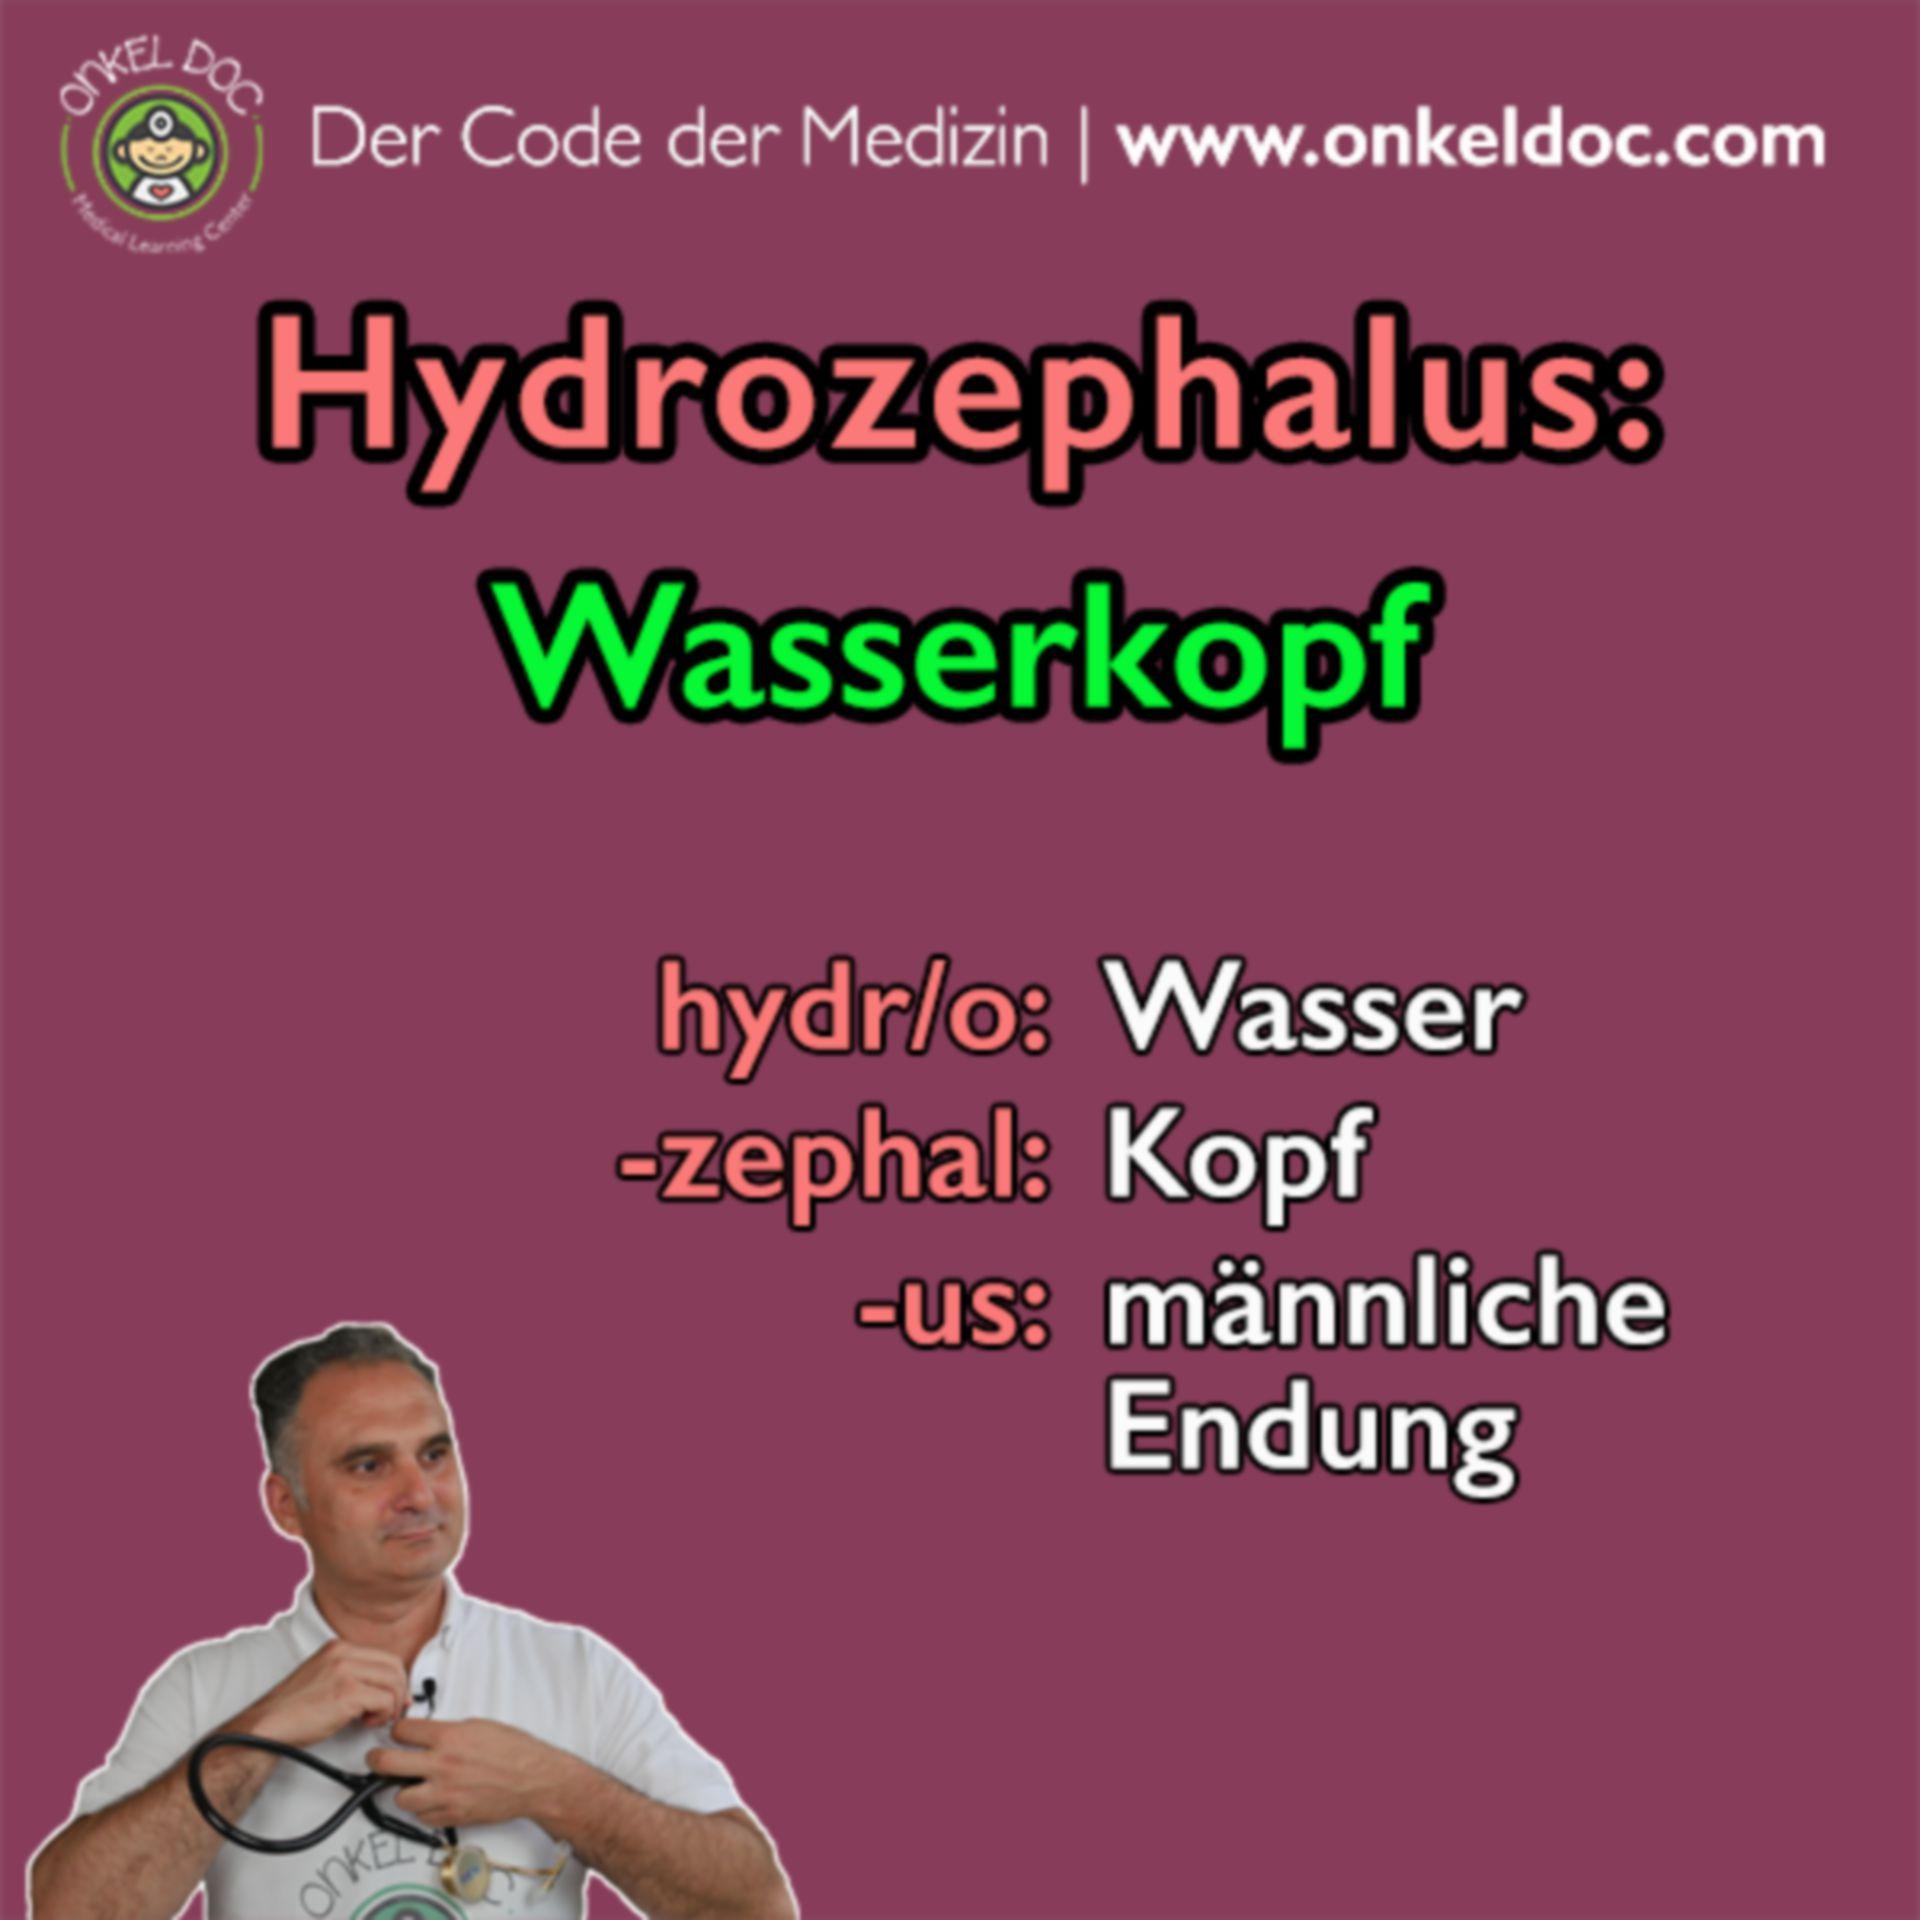 Der Code zum Hydrozephalus